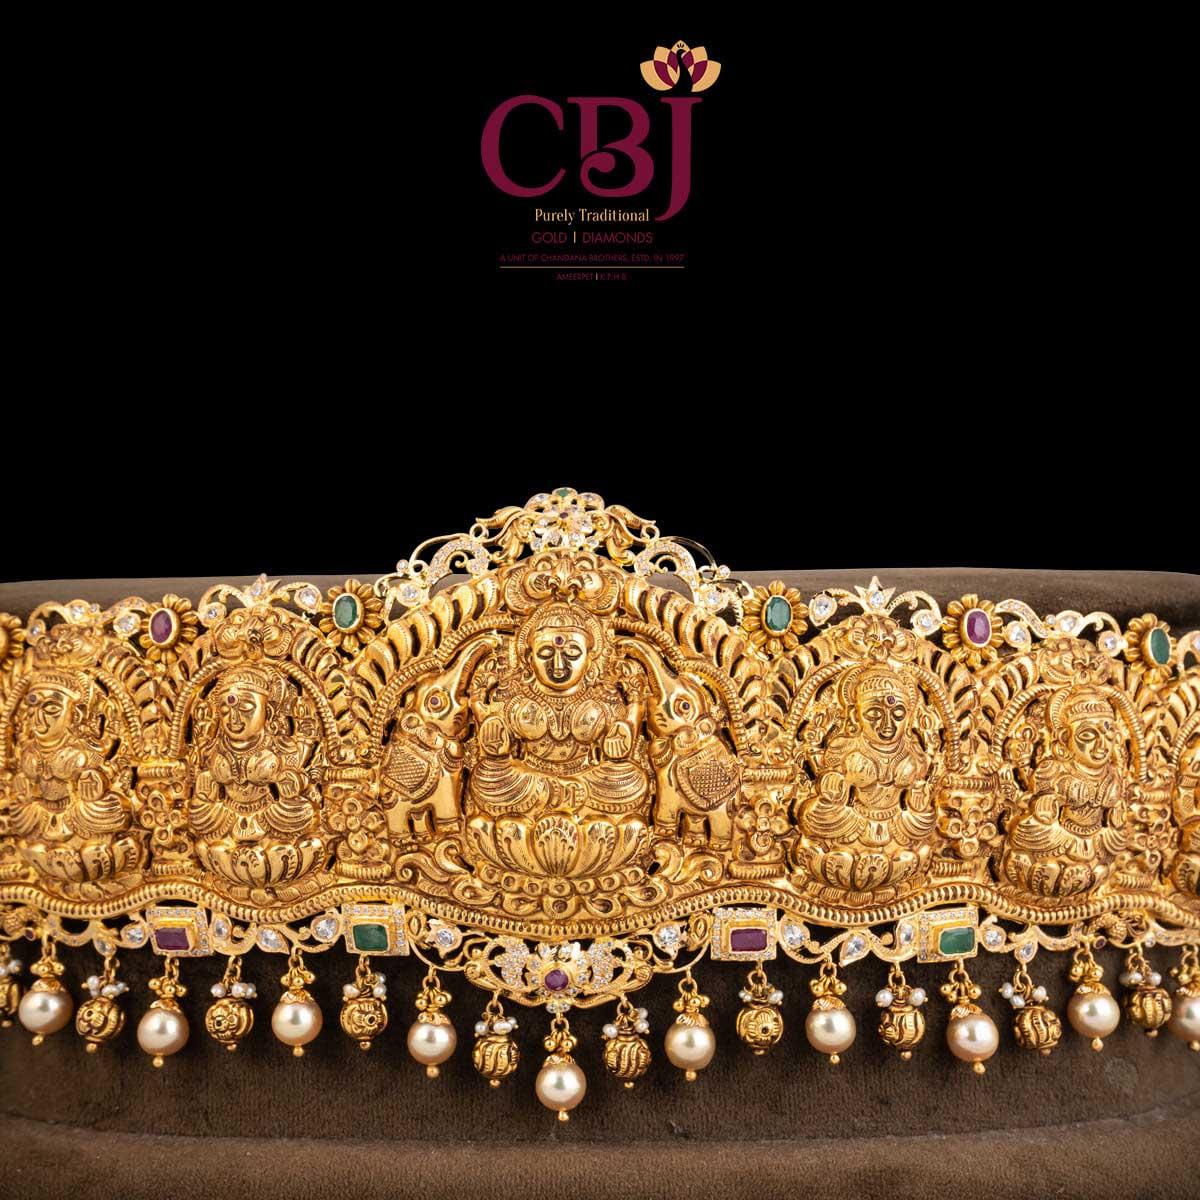 ashtalakshmi vaddanam price astalaxmi vaddanam ashtalakshmi vaddanam